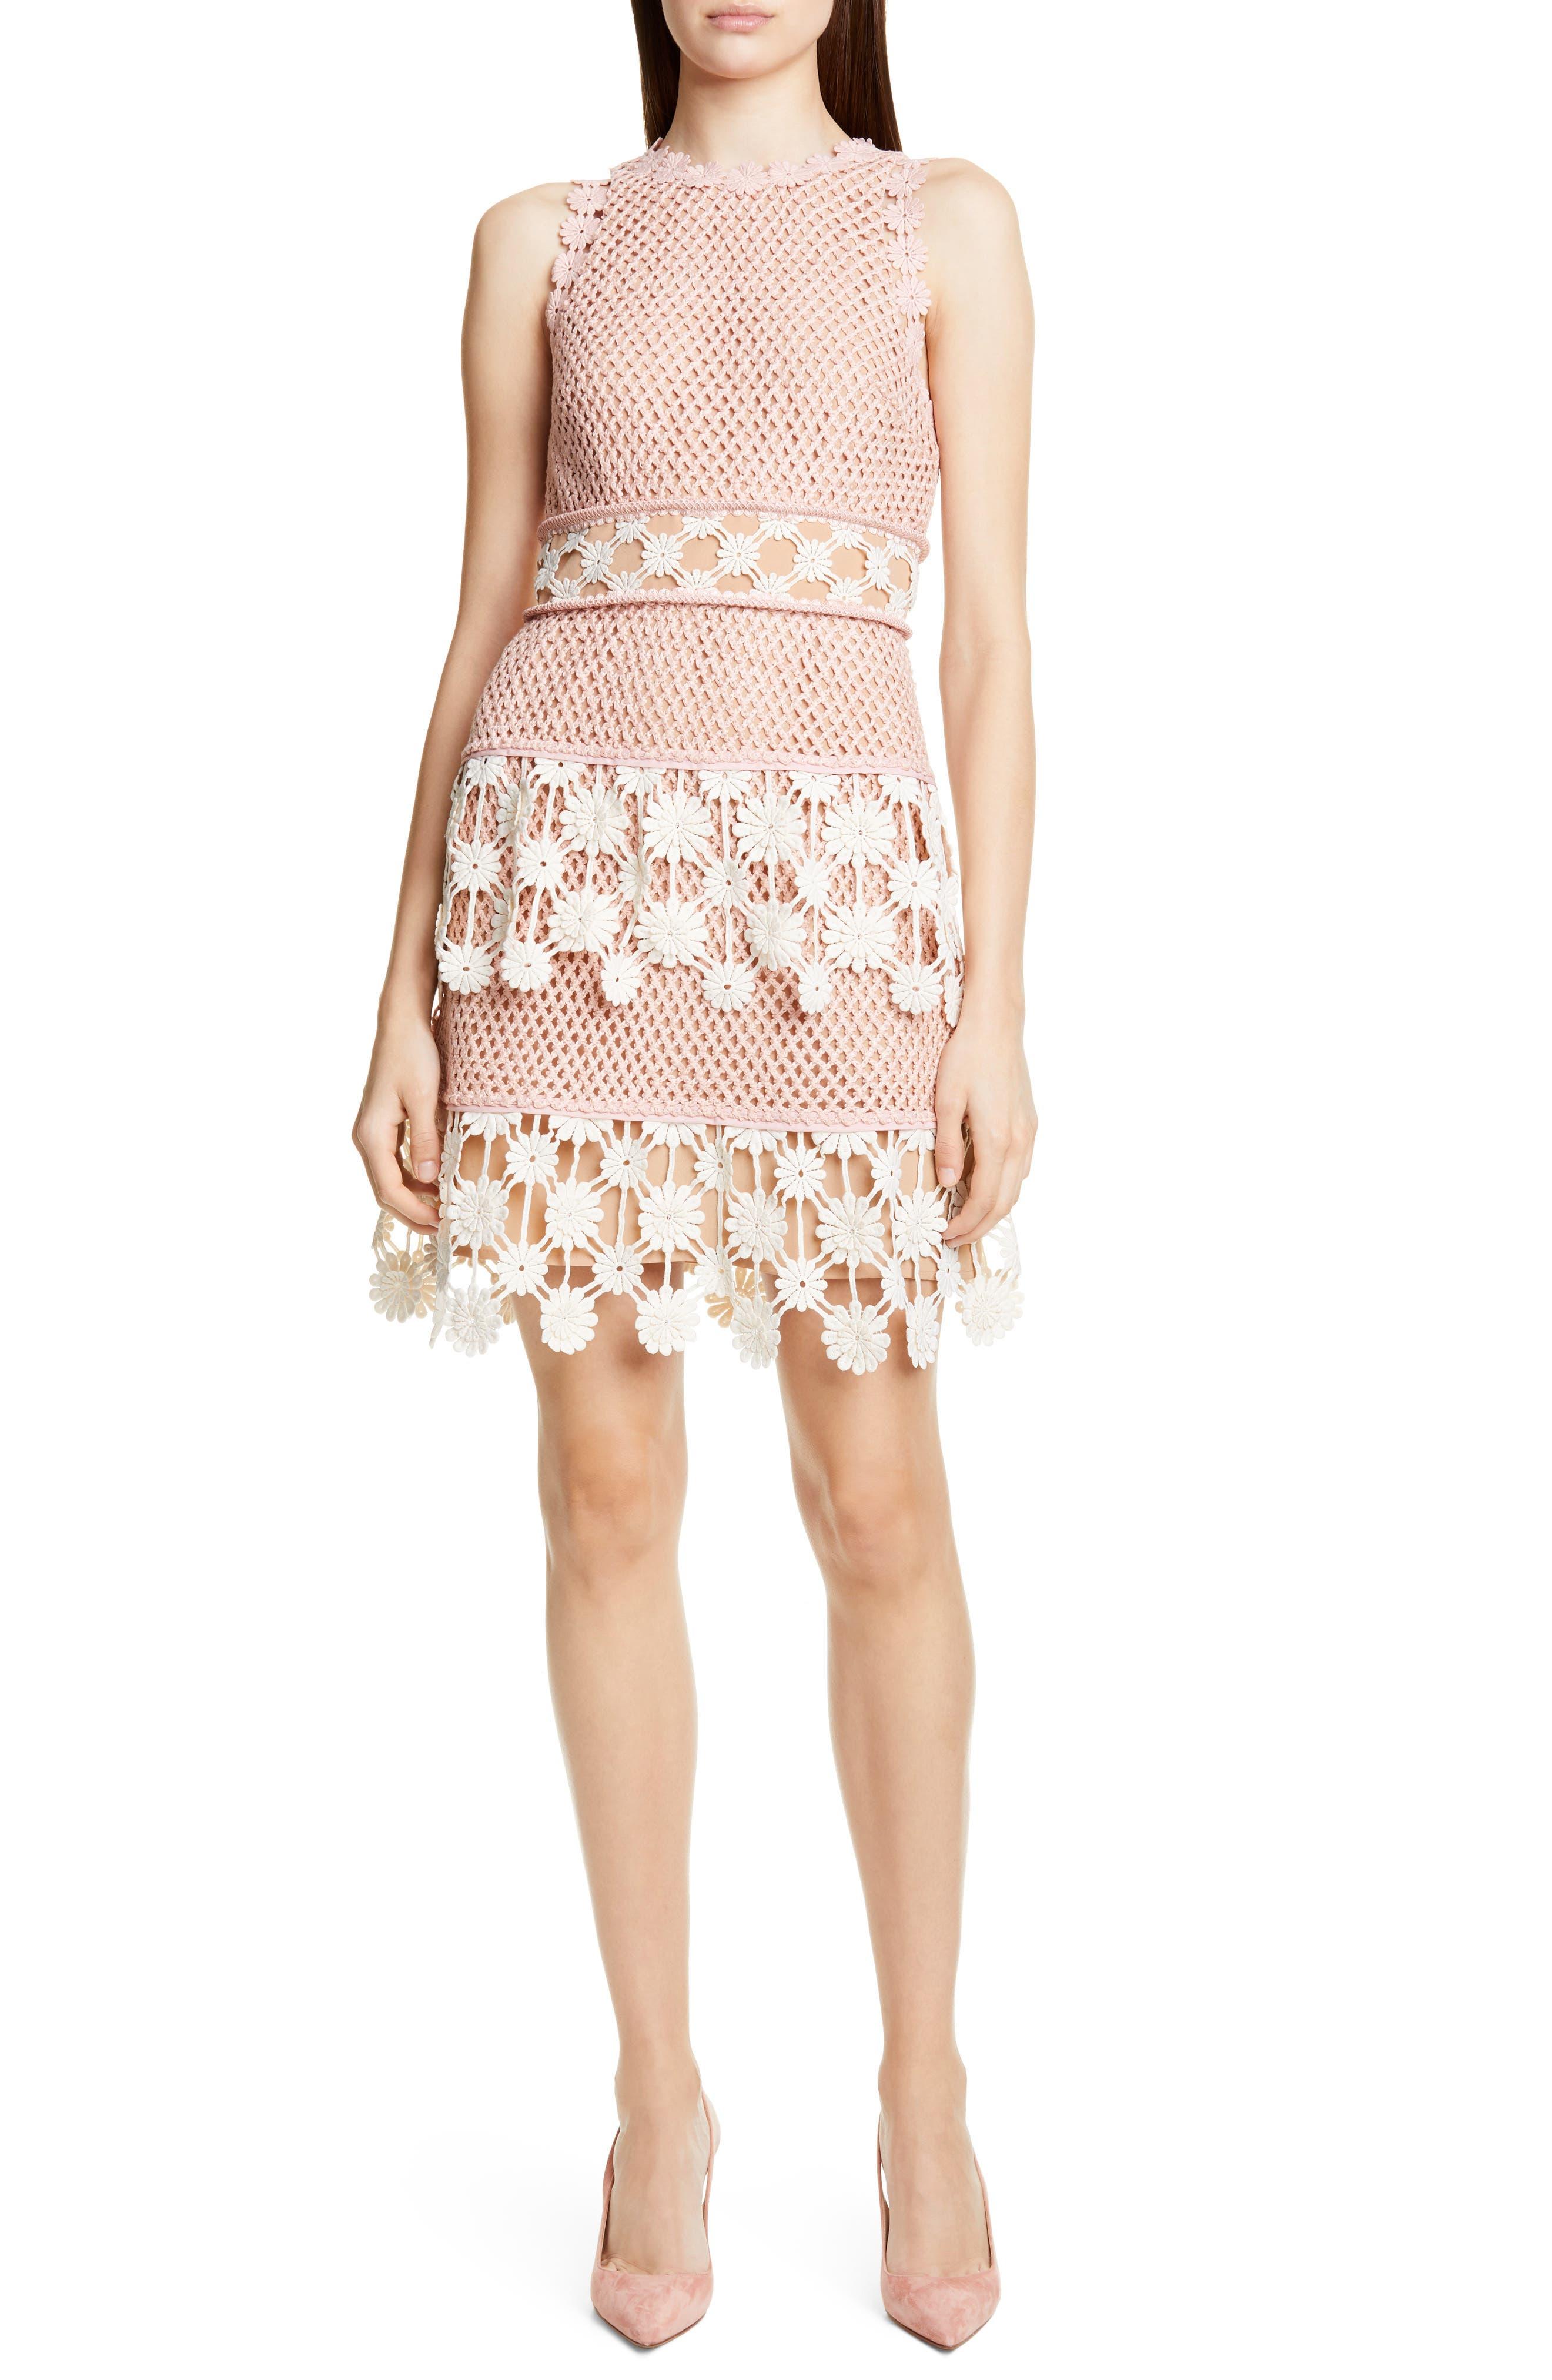 3D Floral Crochet Lace Minidress, Main, color, PINK ECRU